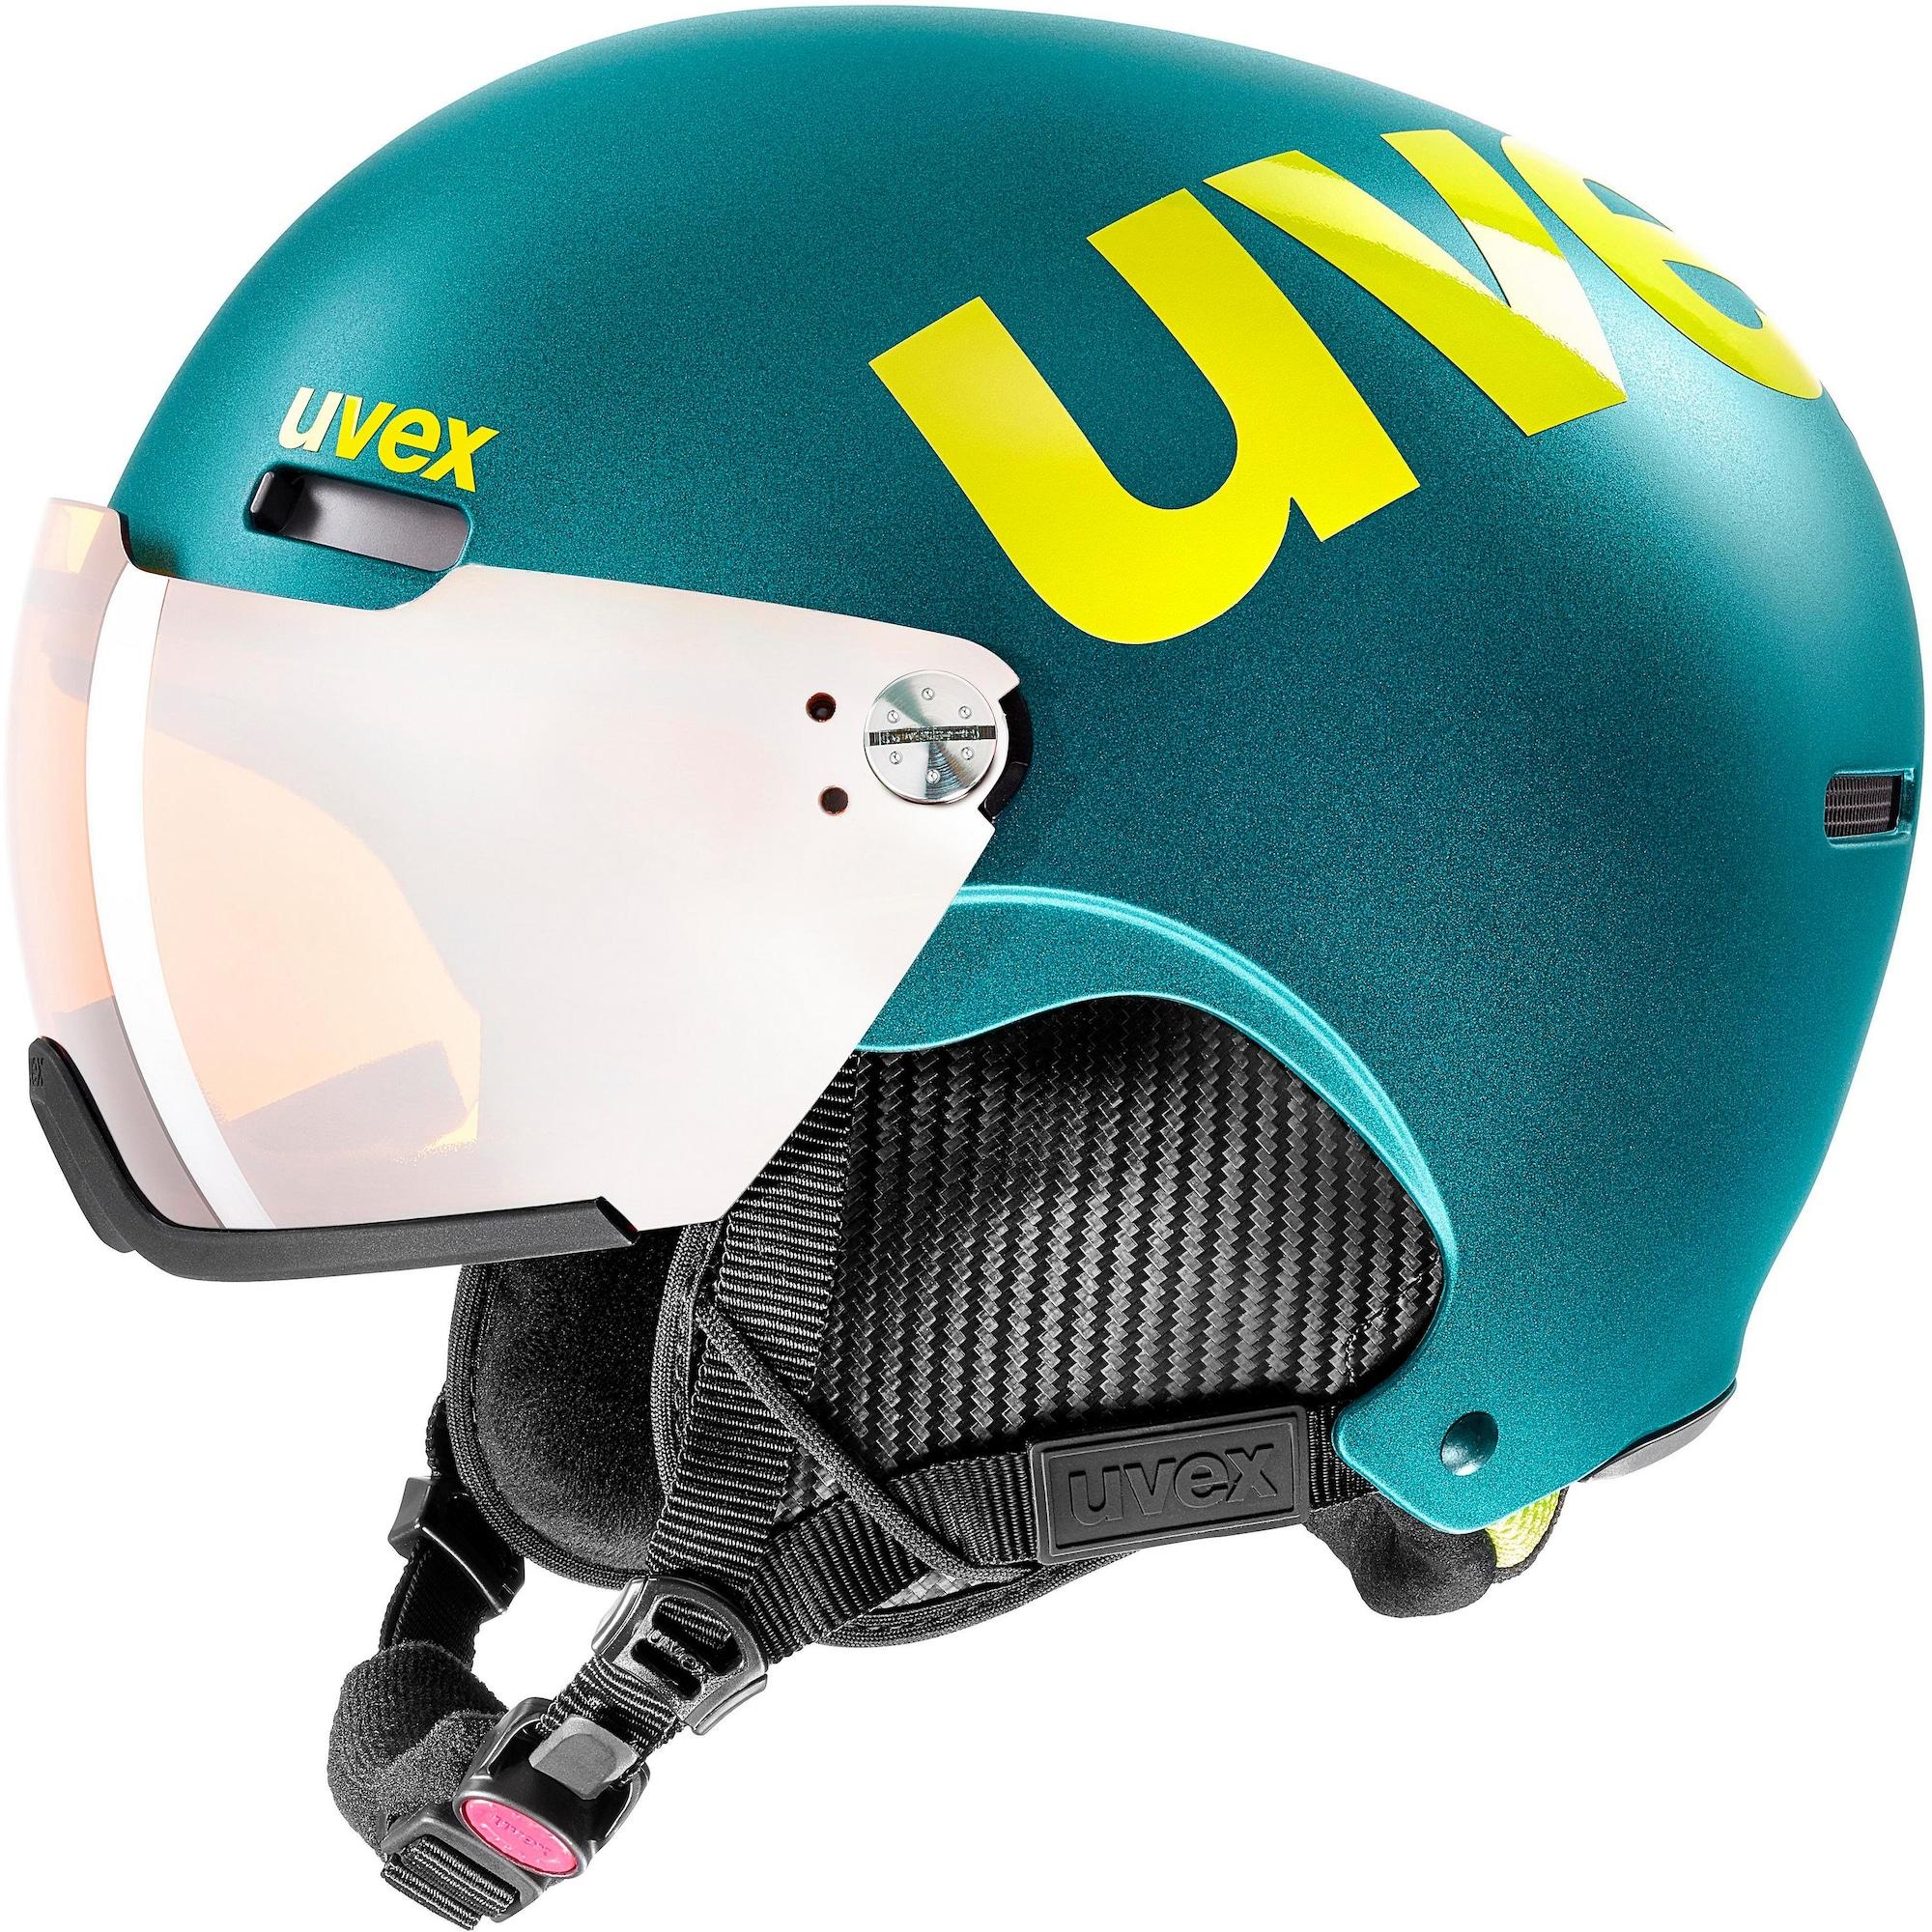 Skihelm 'hlmt 500 visor'   Accessoires > Caps > Visors   Türkis   Uvex